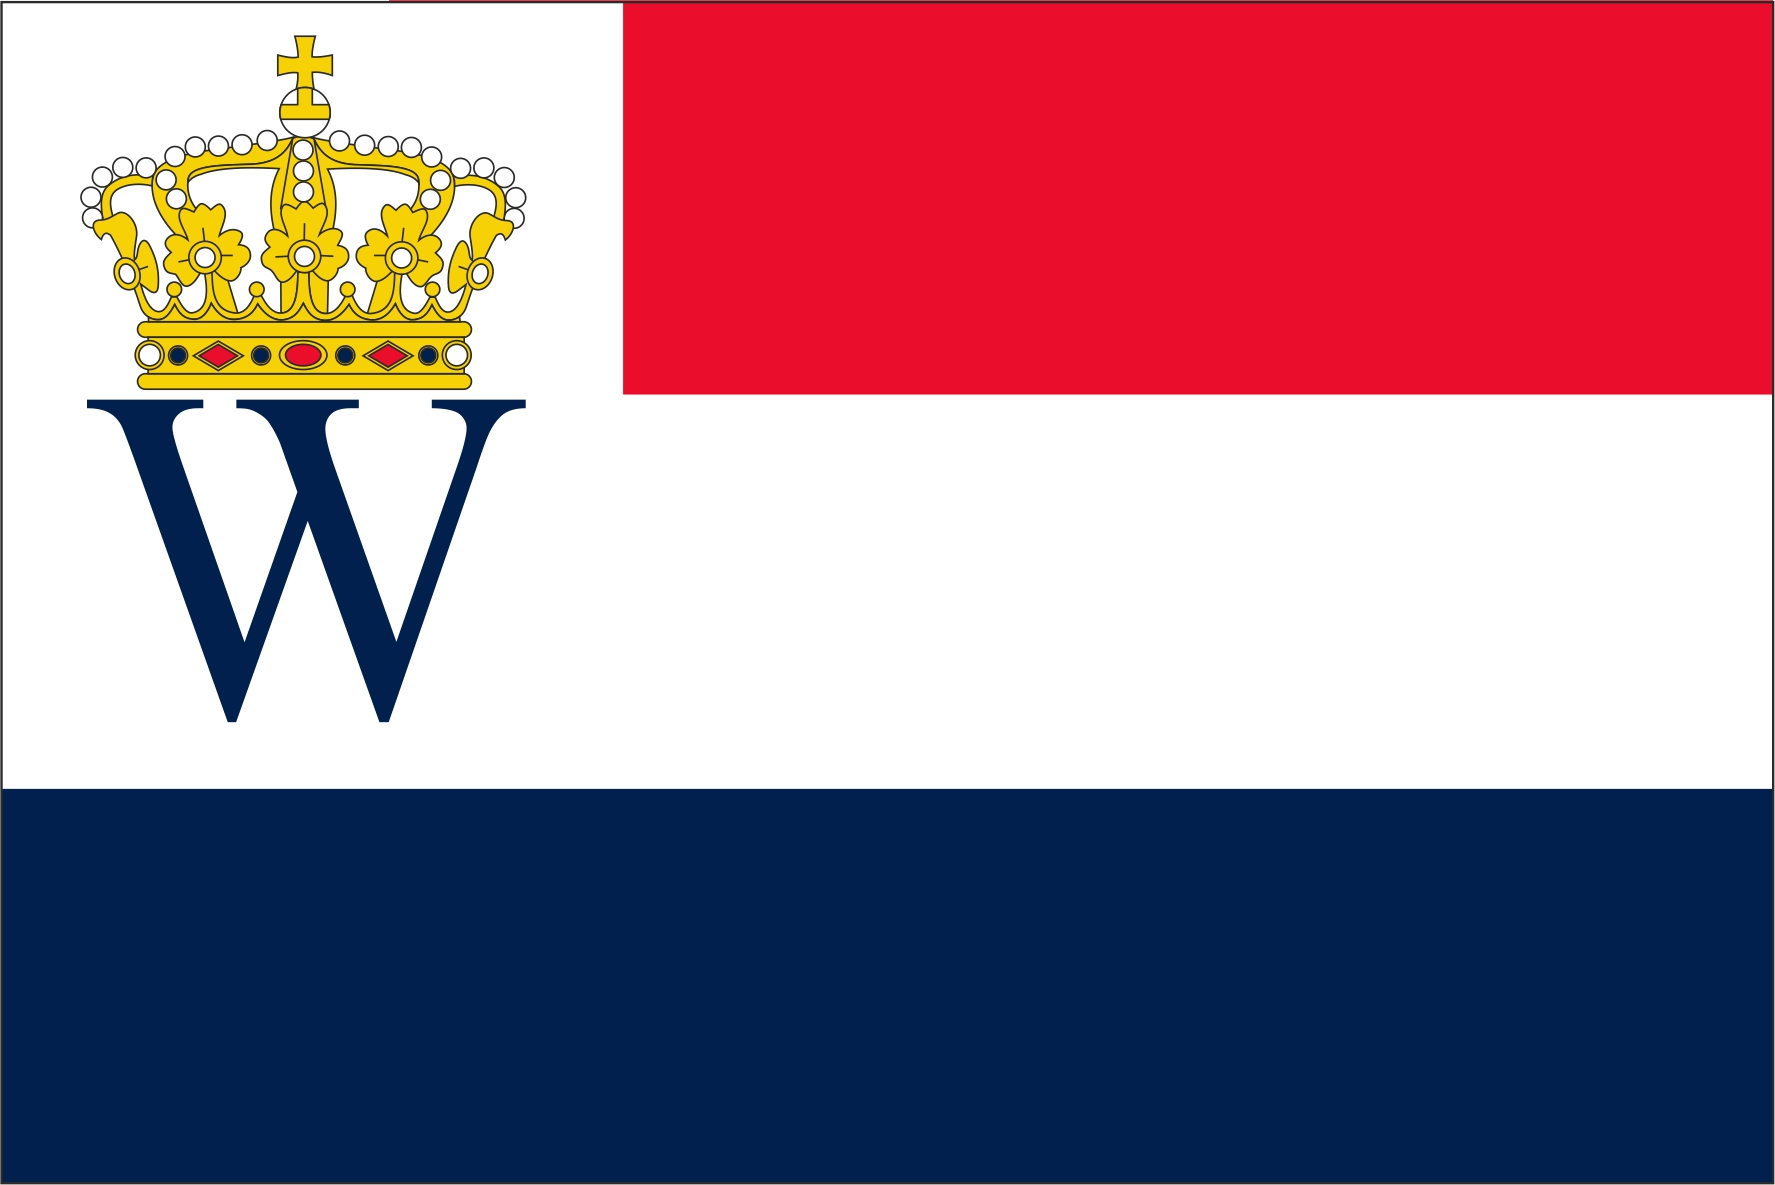 Vlaggen 200 jaar Koninkrijk der Nederlanden 120x180cm Oud Hollands